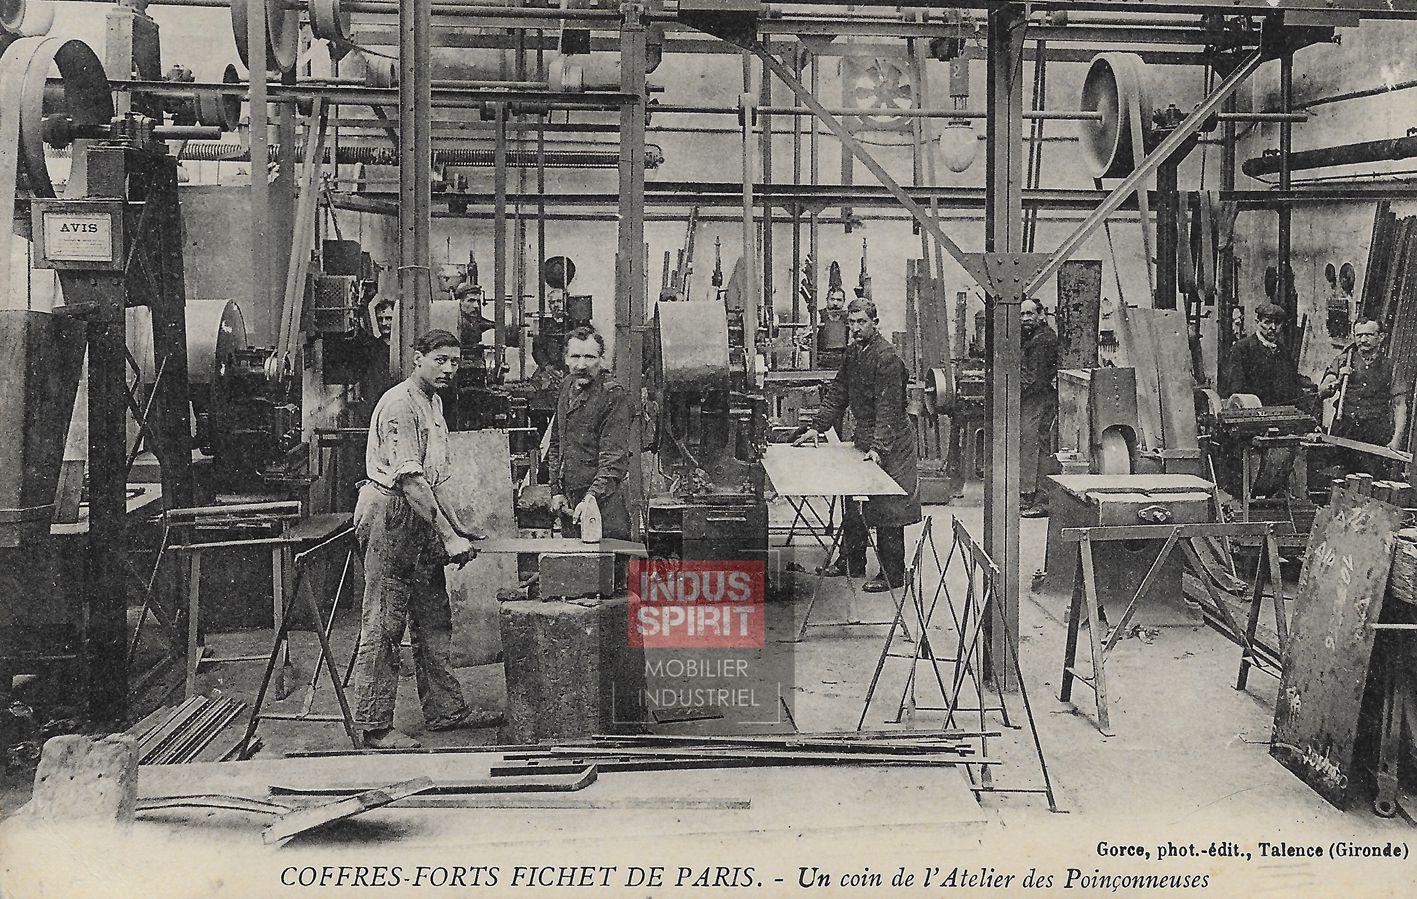 Le Bon Coin Gironde Ameublement meuble industriel / décoration industrielle / meuble de